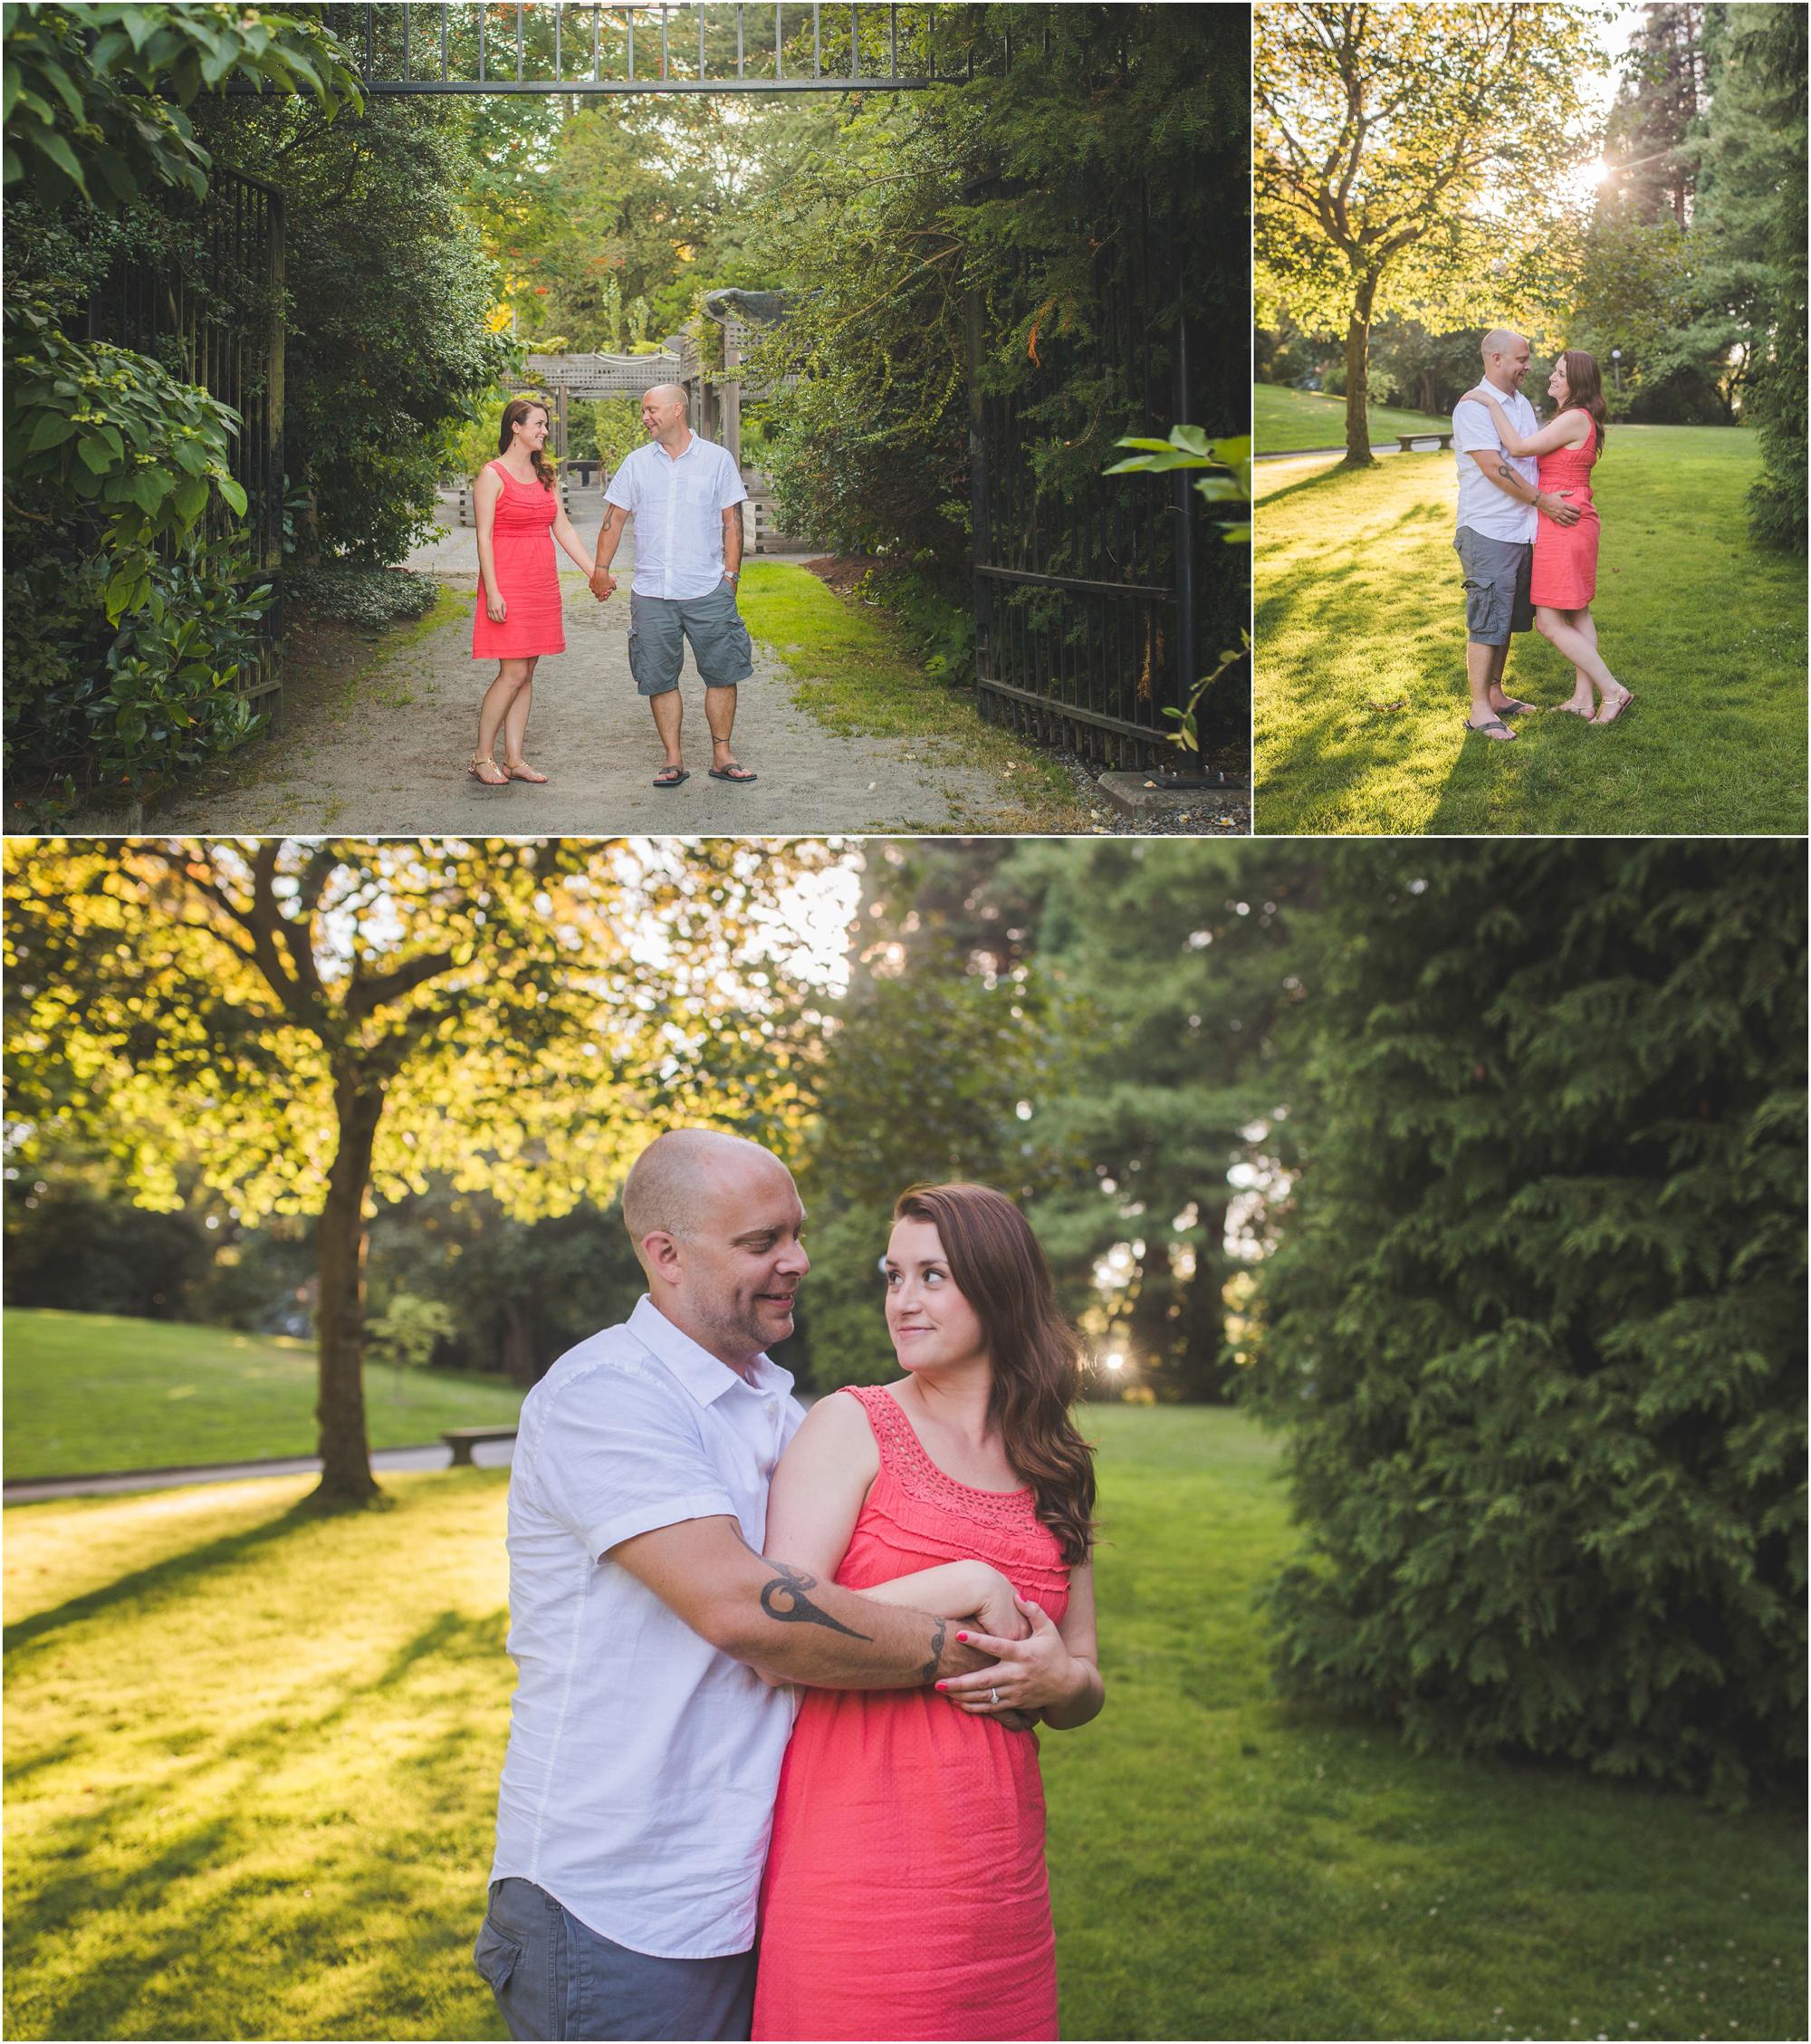 ashley vos photography seattle tacoma area engagement and wedding photographer_0424.jpg